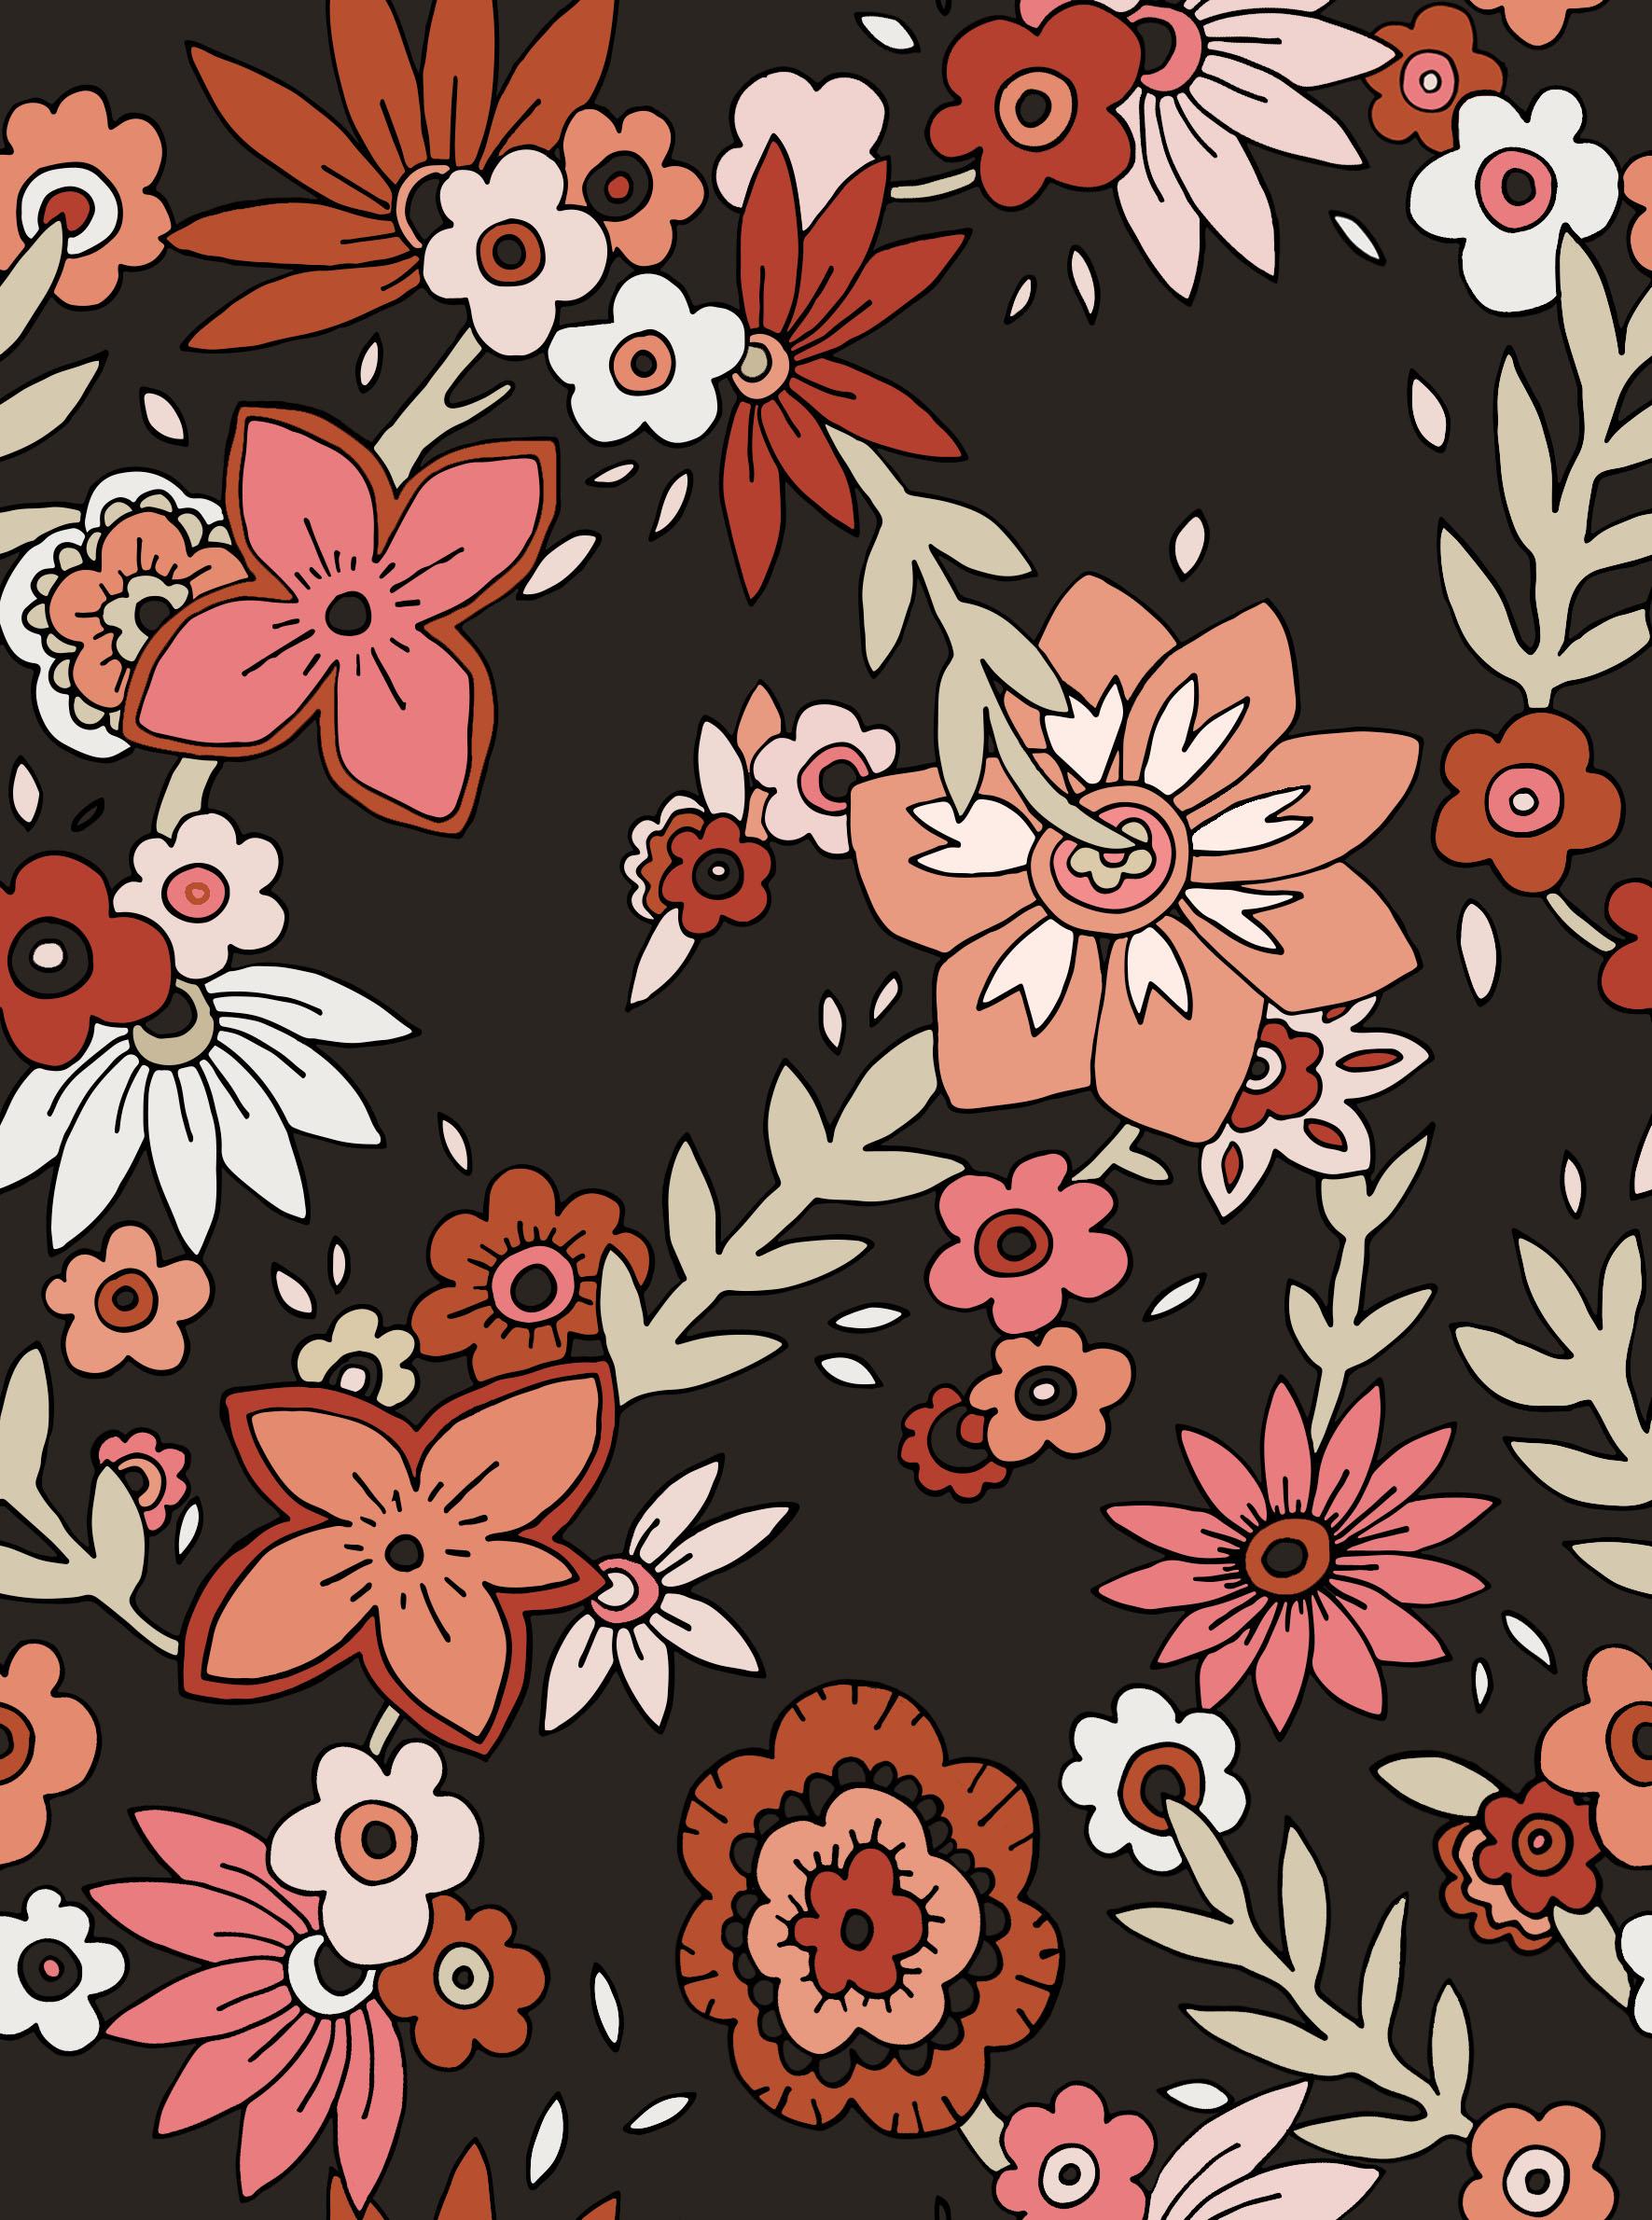 colorfulfloral2.jpg